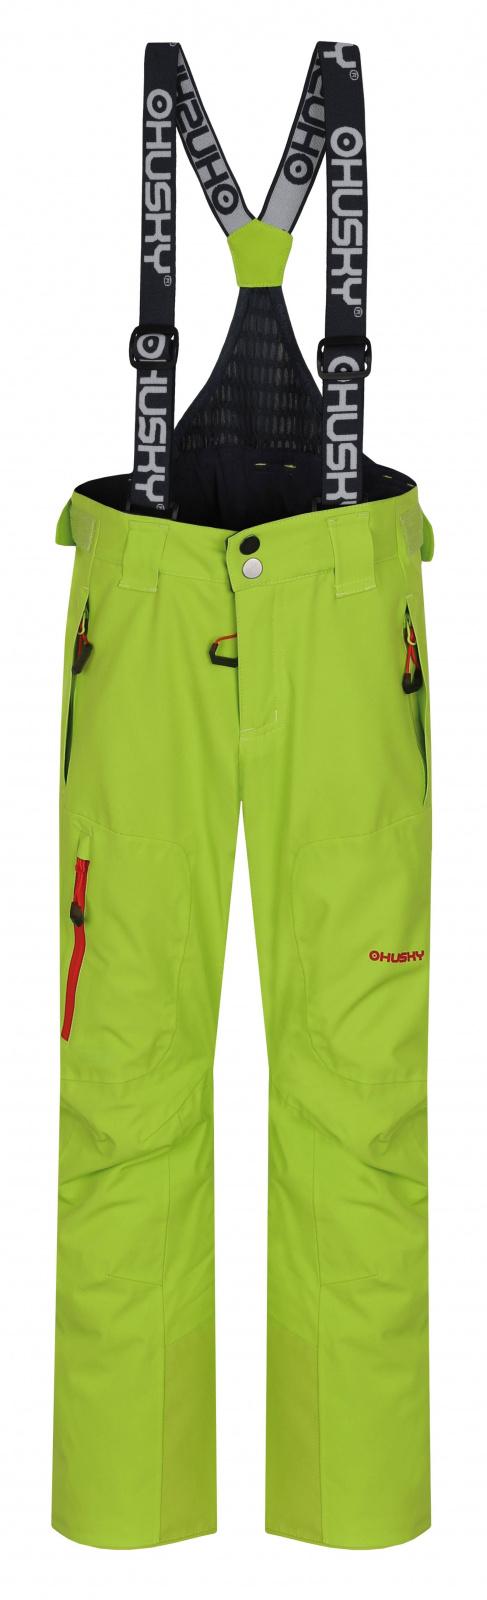 Husky Zeus Kids 134-140, výrazně zelená Dětské lyžařské kalhoty